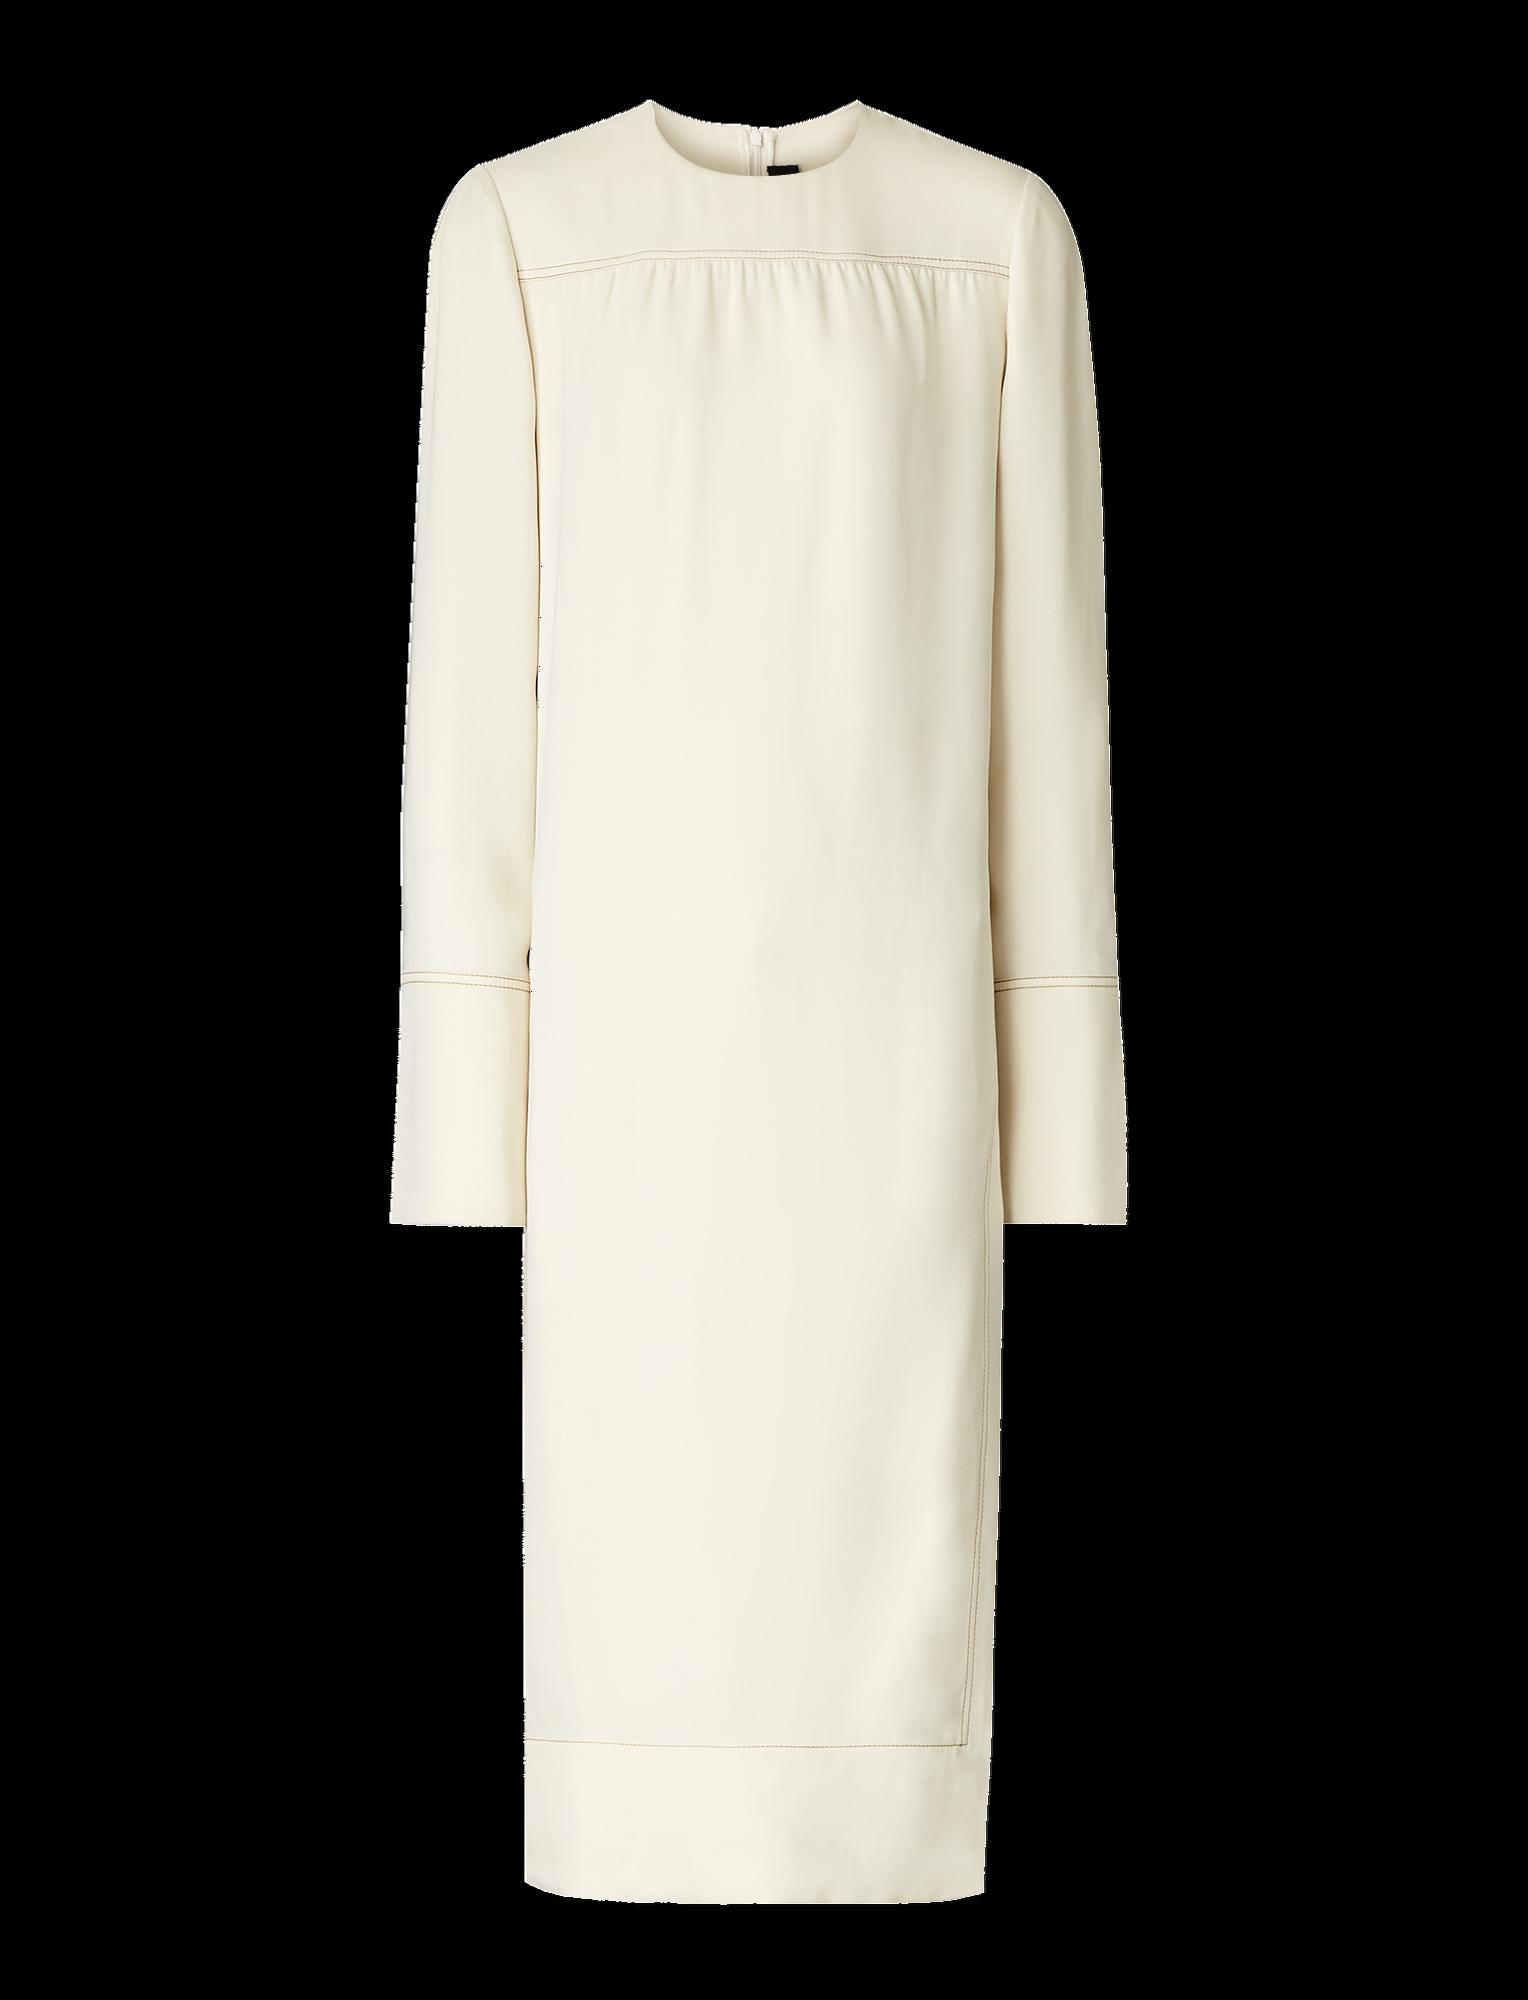 Joseph, Arlan Silk Crepe Dress, in MASTIC